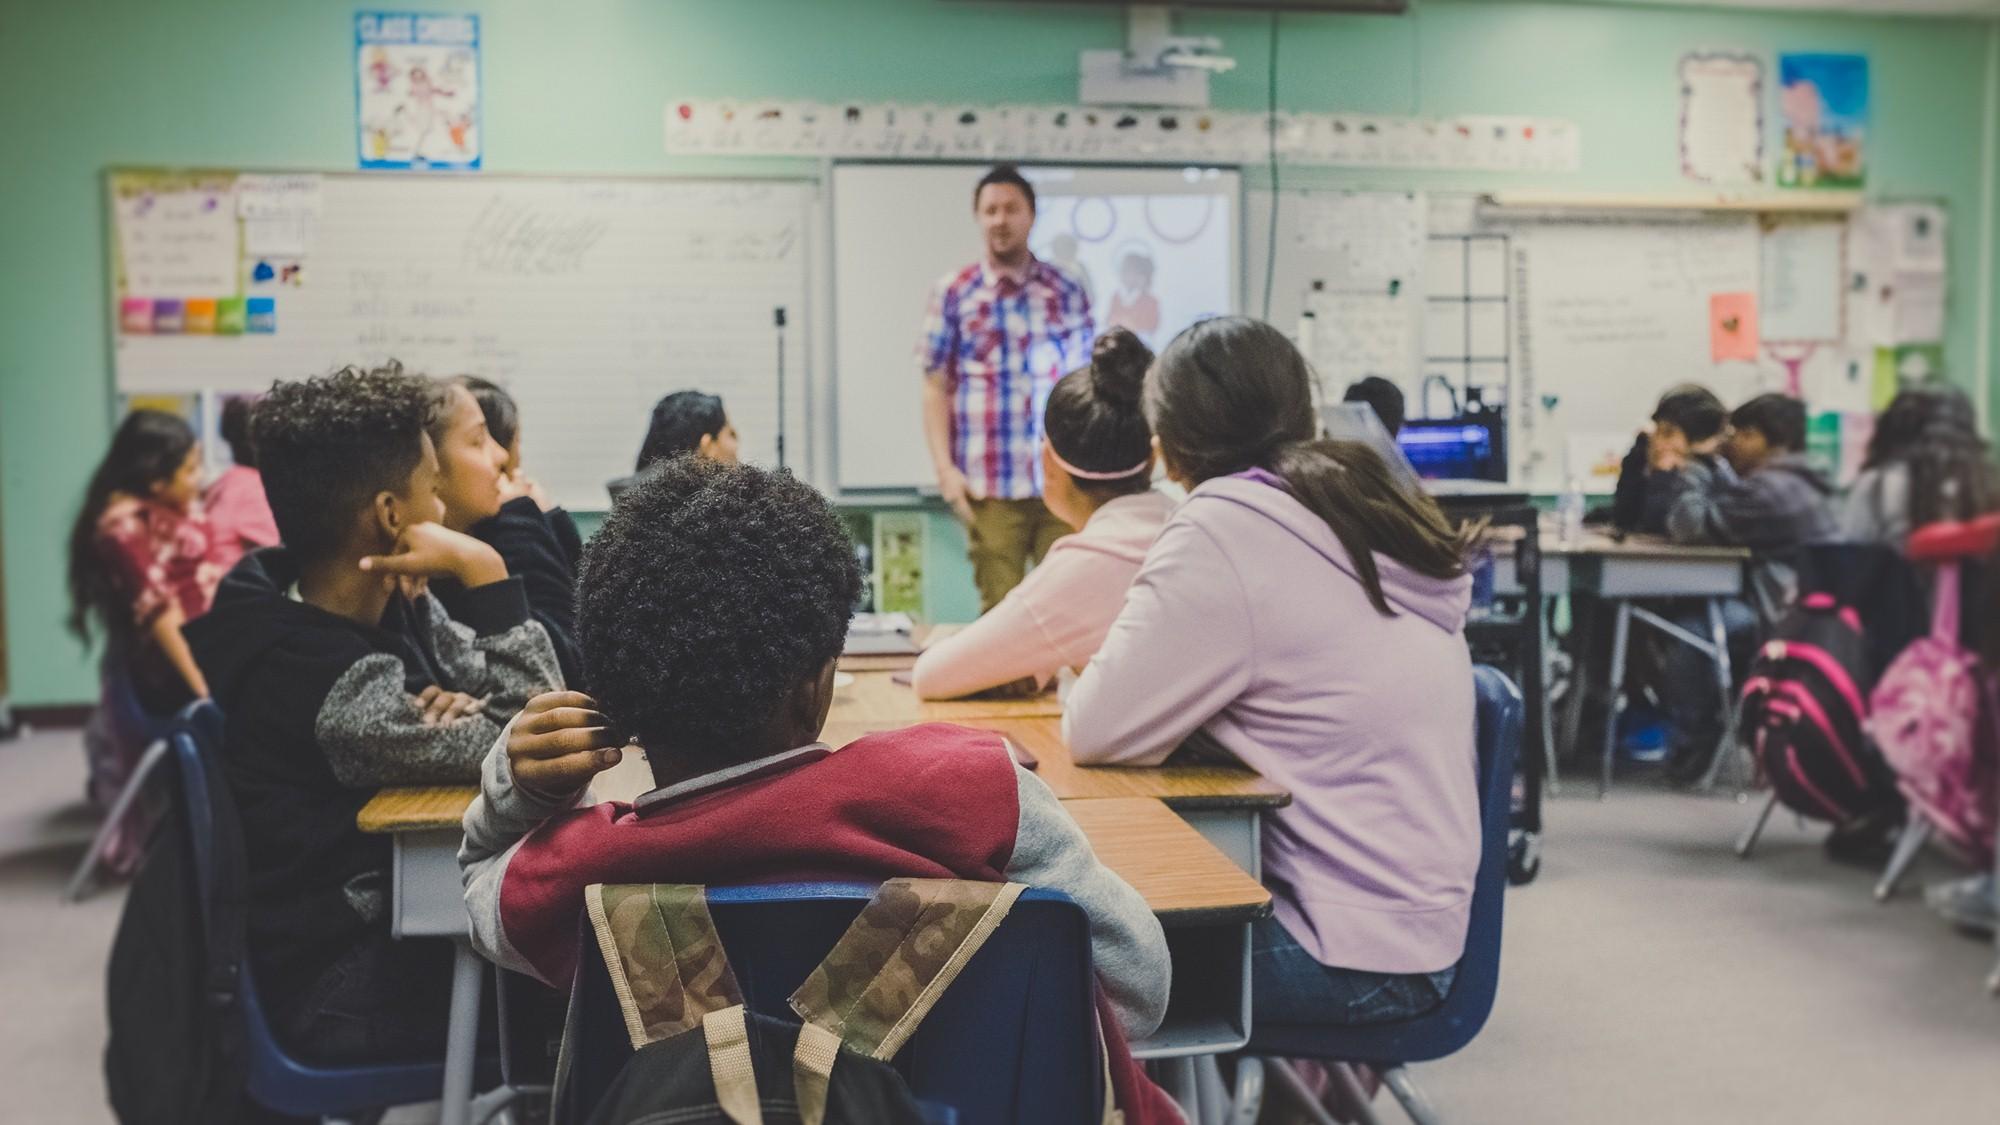 niños en una sala de clase